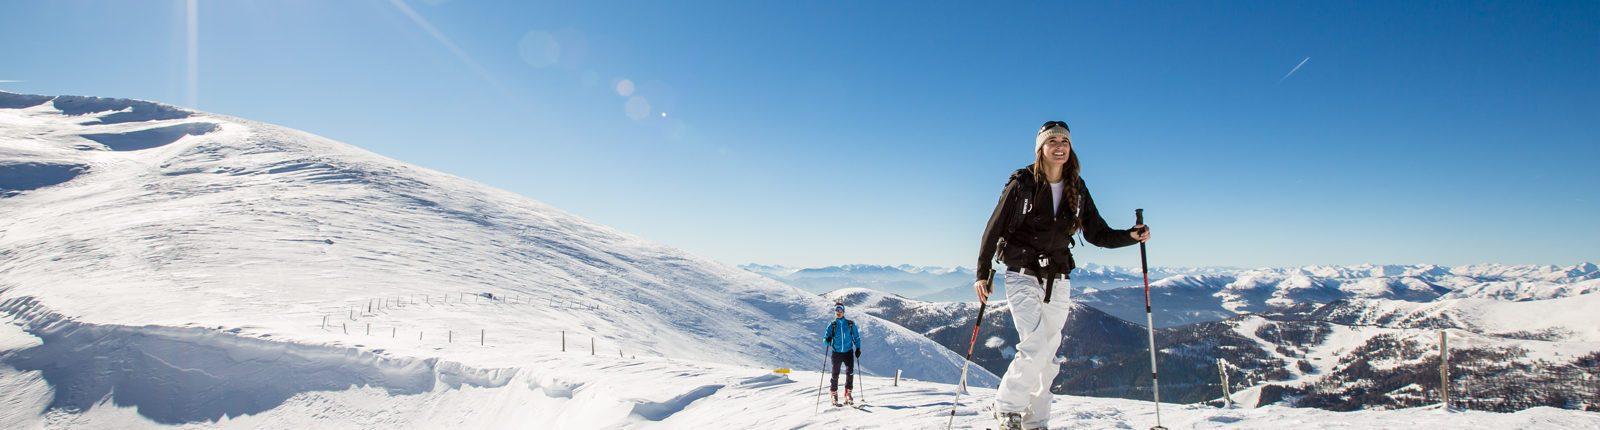 Skitourengeher bei der Hundsfeldscharte auf der Nockberge-Trail Skidurchquerung